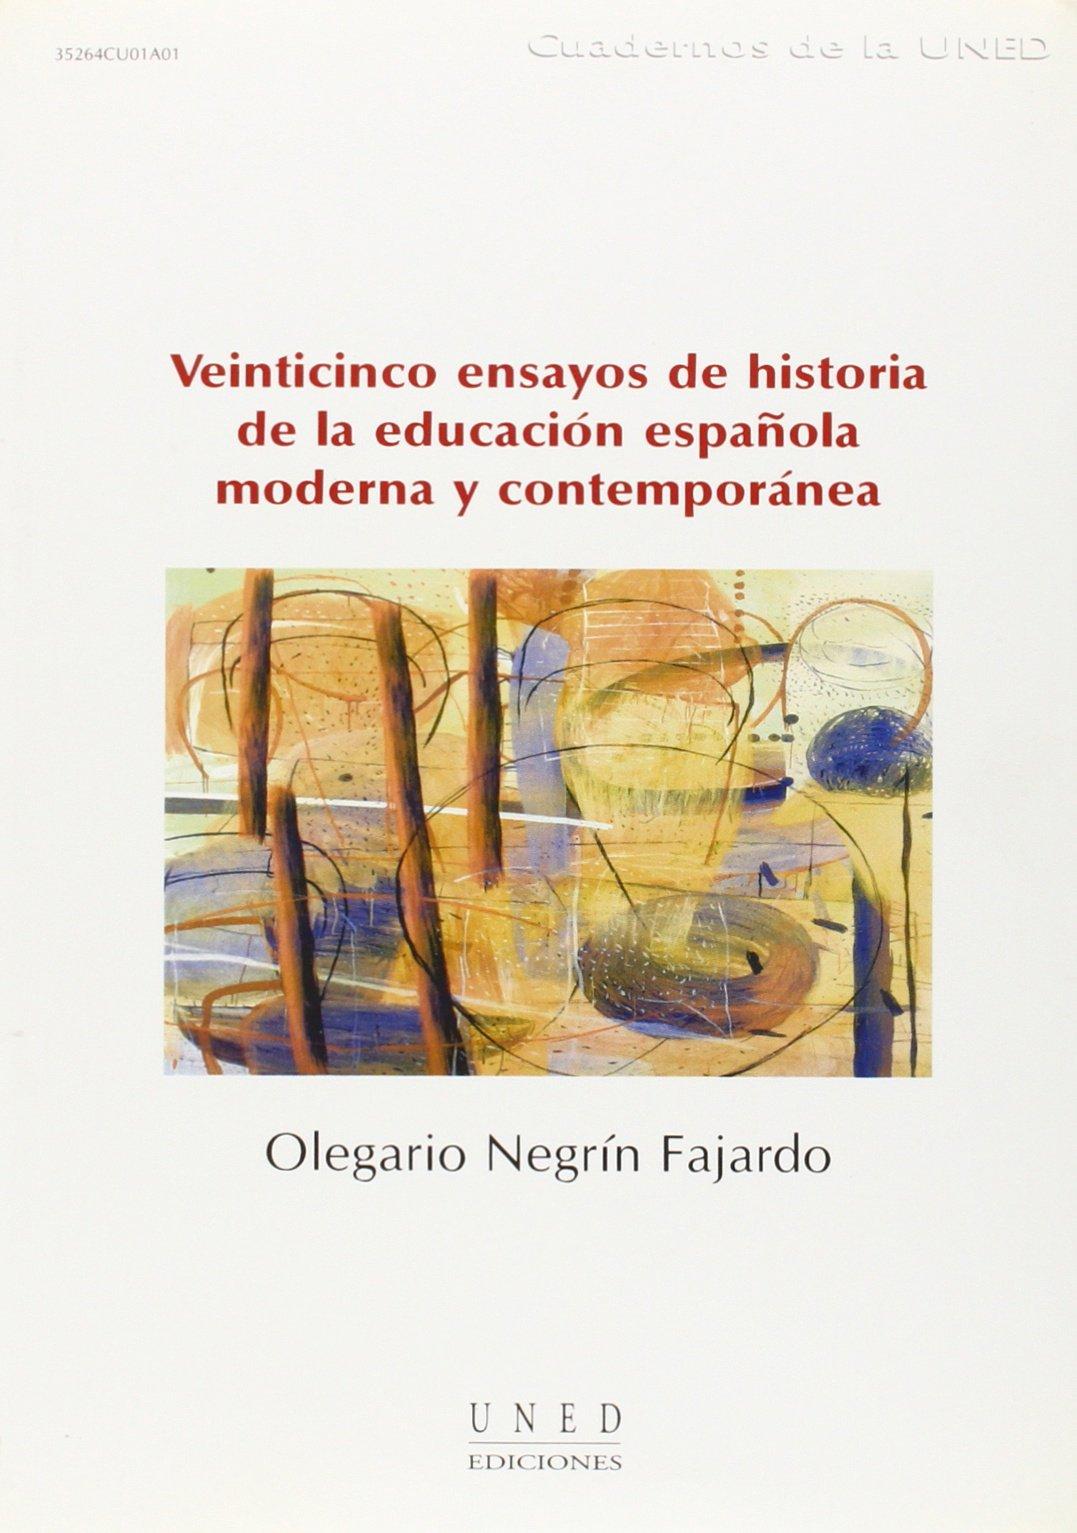 Veinticinco Ensayos de Historia de La Educación Española Moderna y Contemporánea CUADERNOS UNED: Amazon.es: Negrón Fajardo, Olegario: Libros